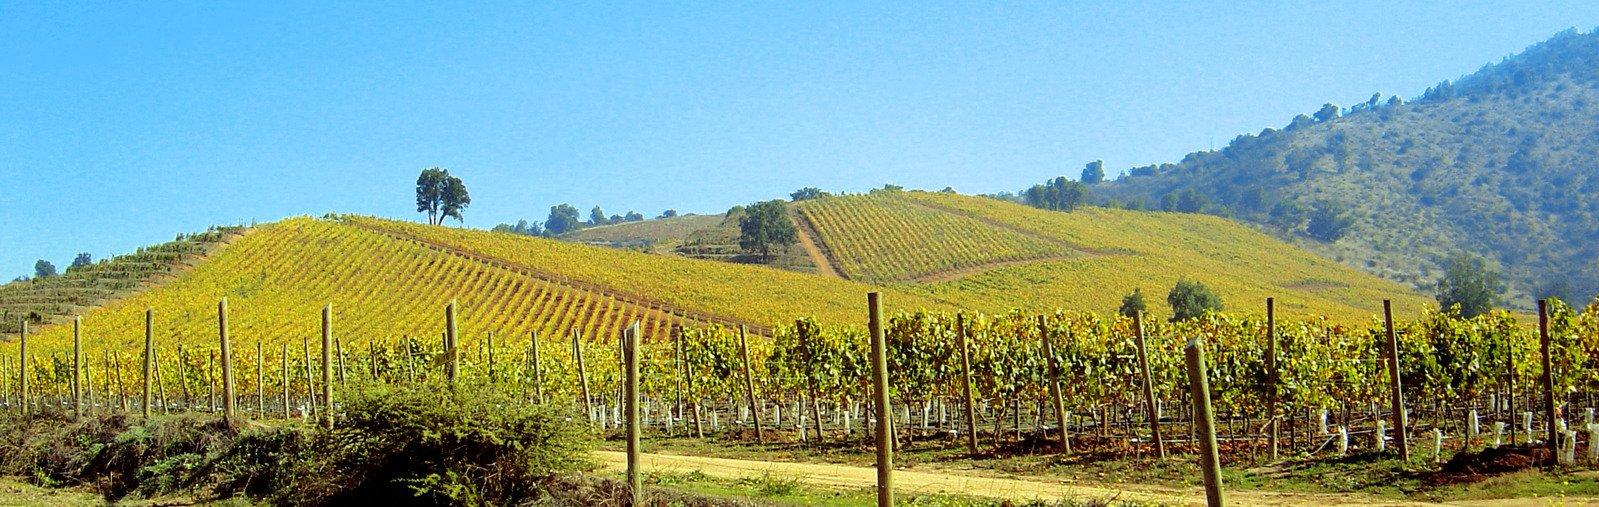 viñedos de Chardonnay